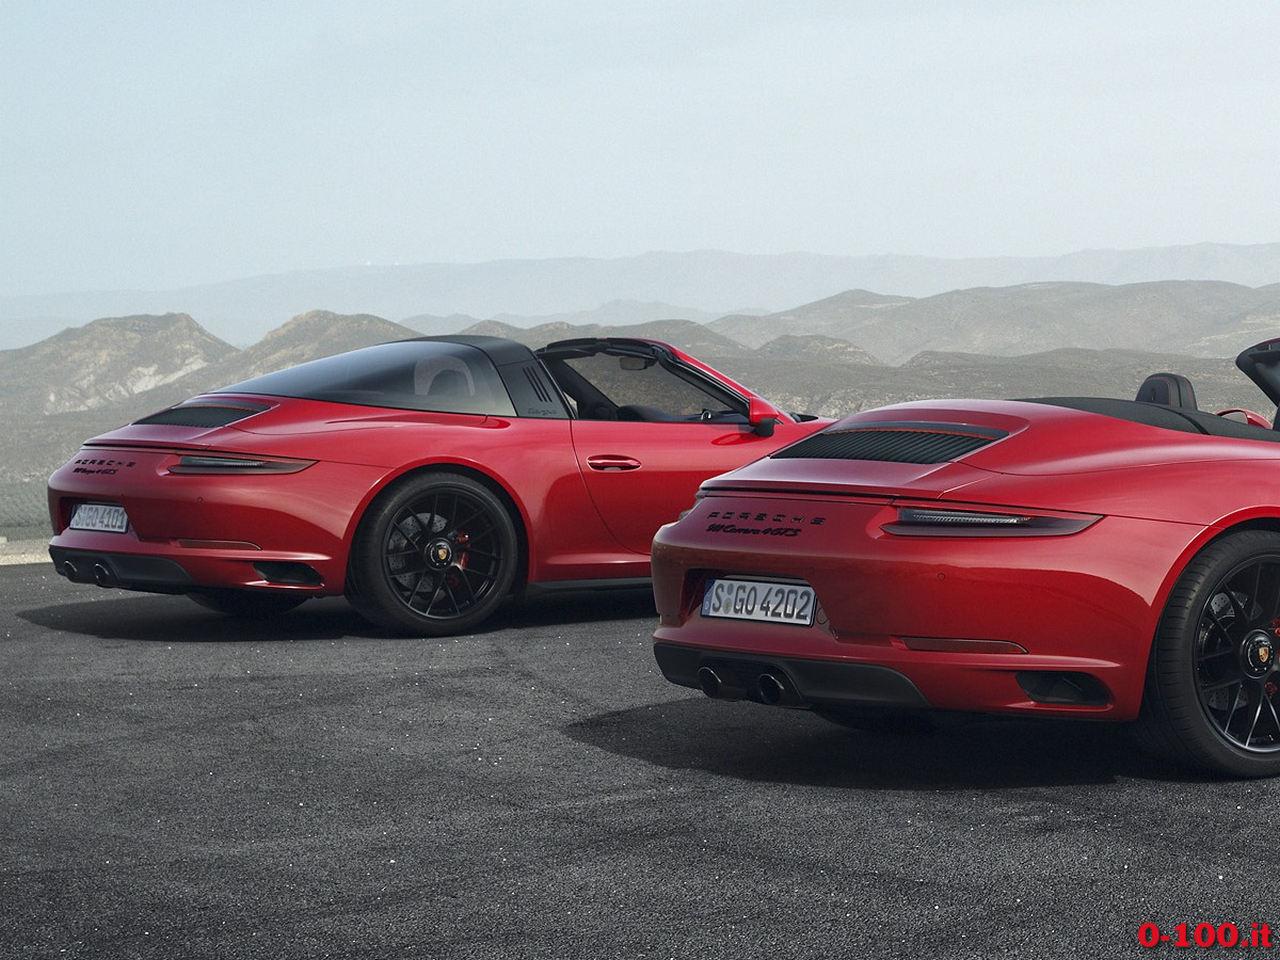 porsche_911-991-carrera-4-gts-coupe-targa-cabriolet-0-100_16